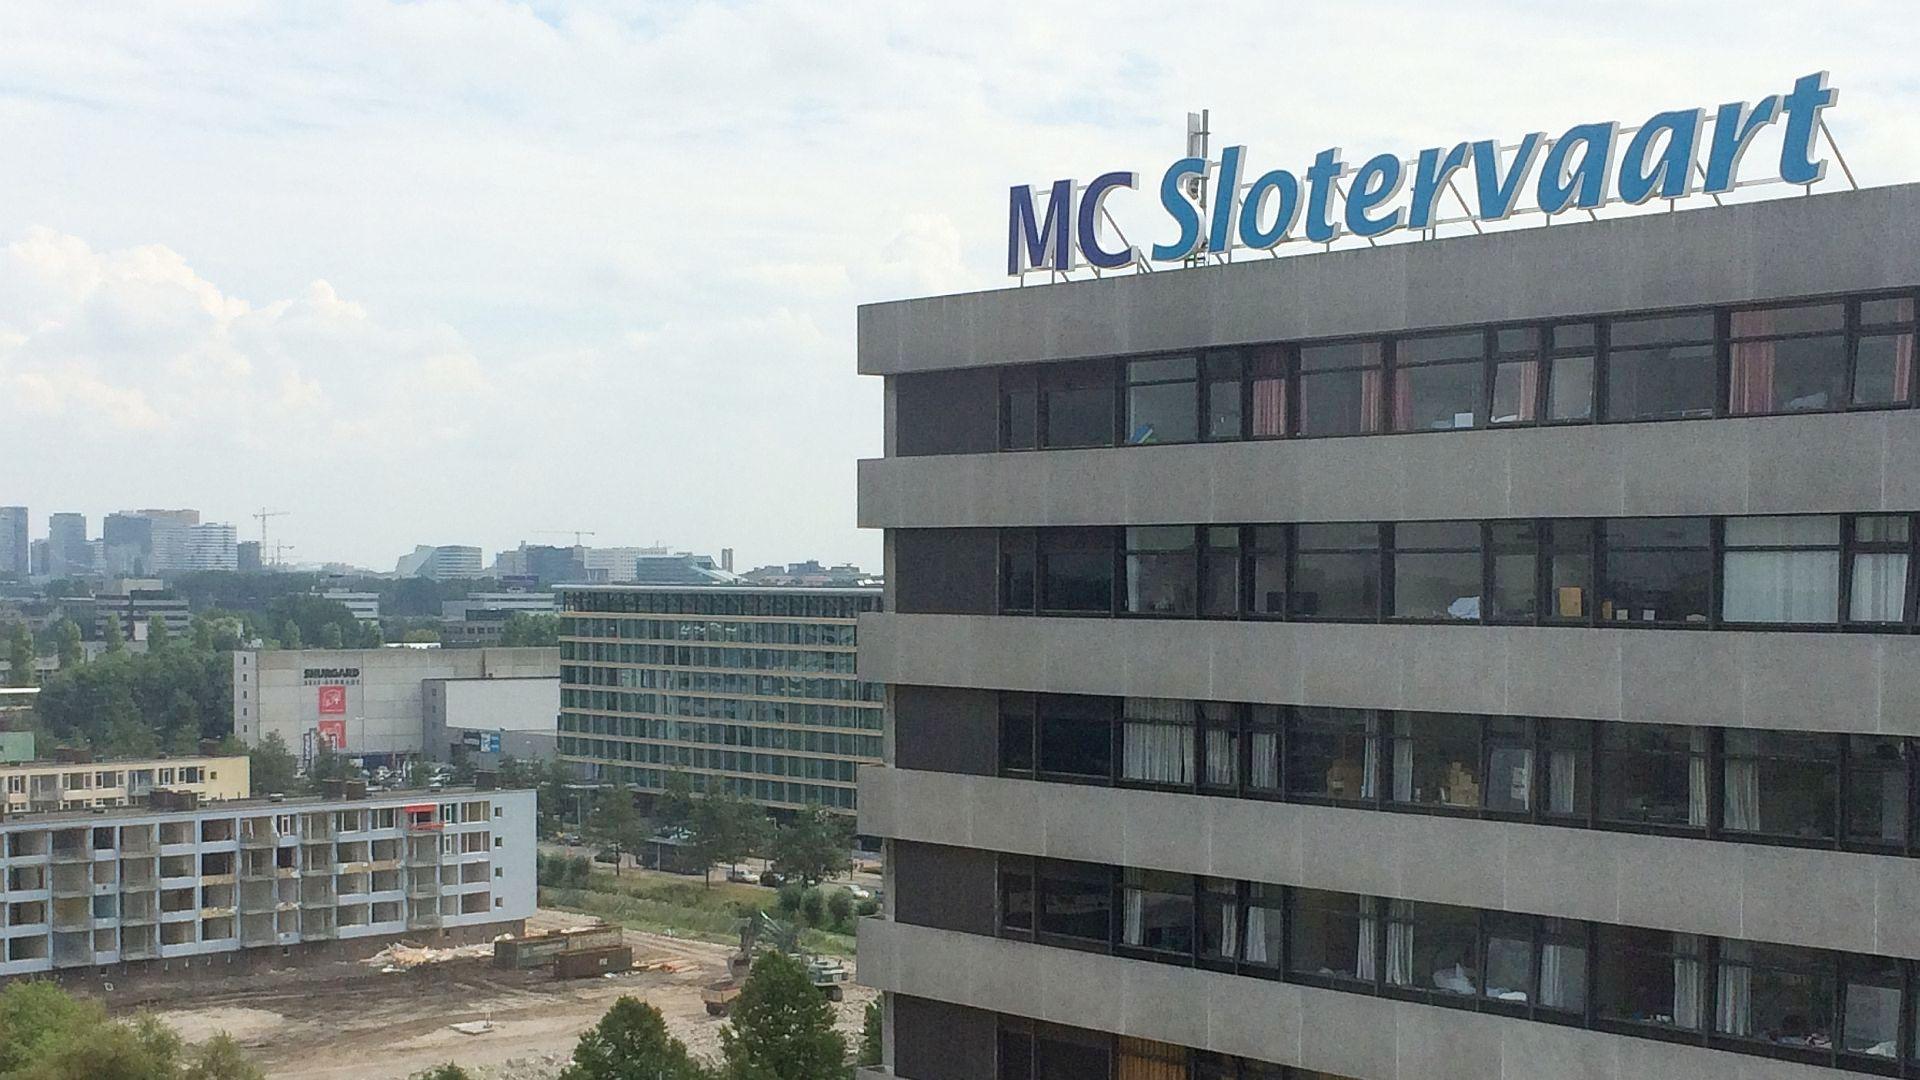 Het MC Slotervaart is failliet. De SEH is inmiddels gesloten. Voor de herbestemming van 'Gebouw en Grond' van het Slotervaart zie ik vier mogelijkheden.